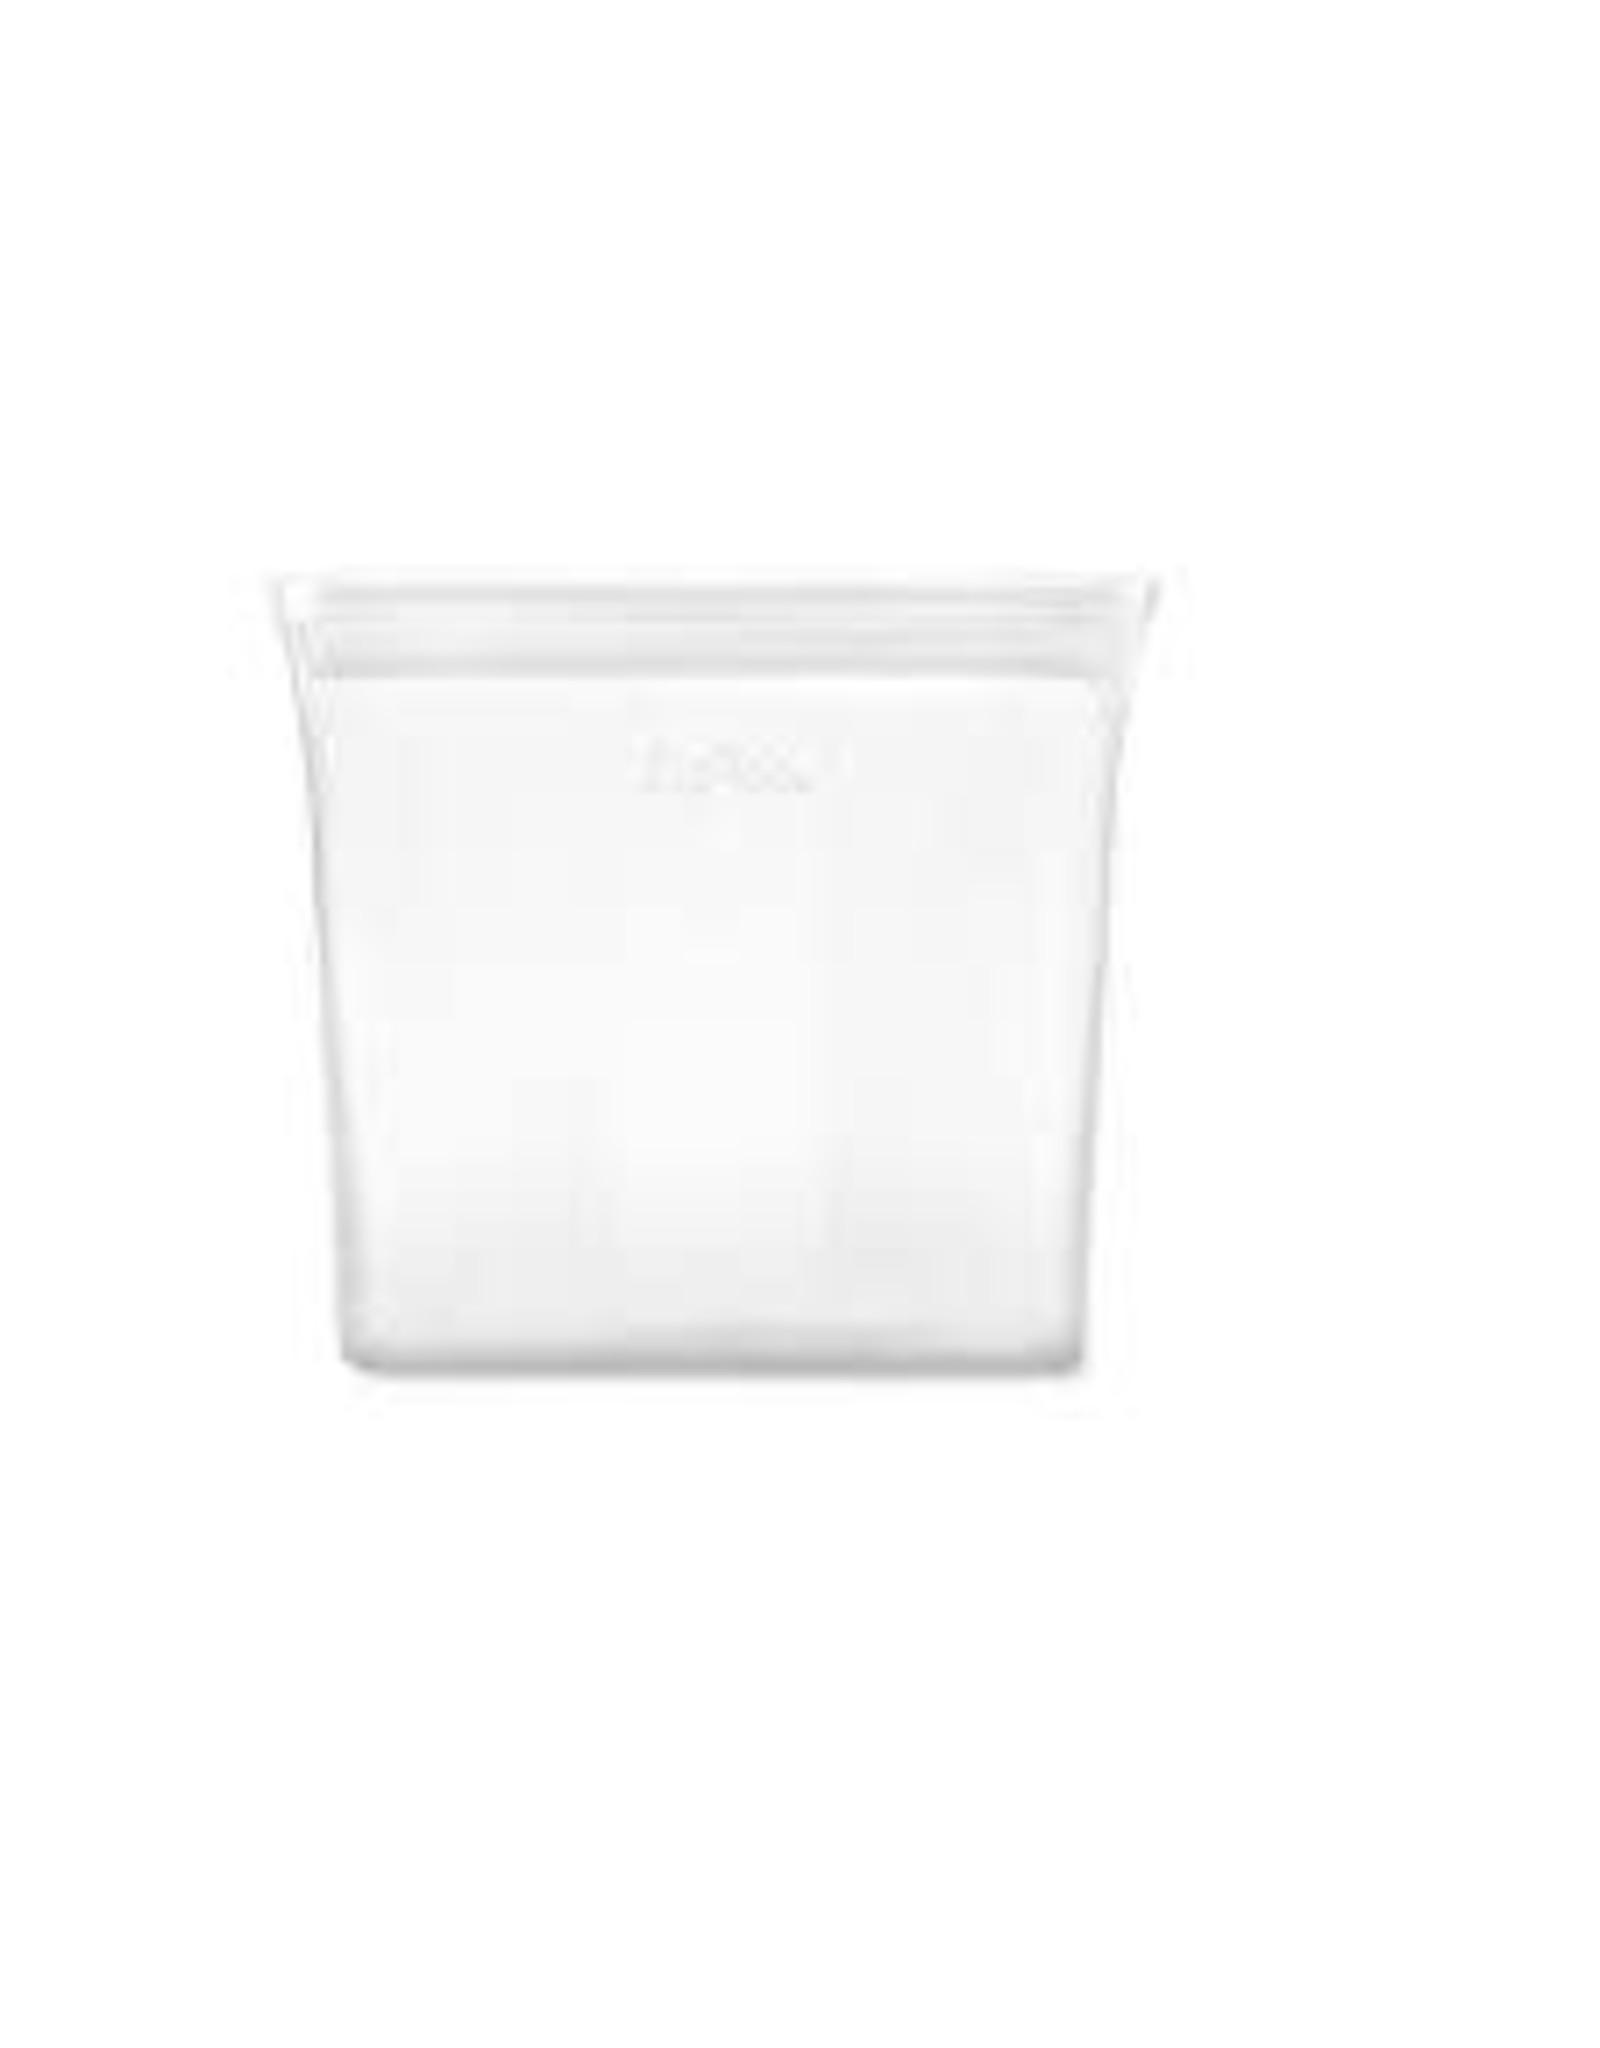 Ziptop Zip Top - Sandwich Bag - Frost